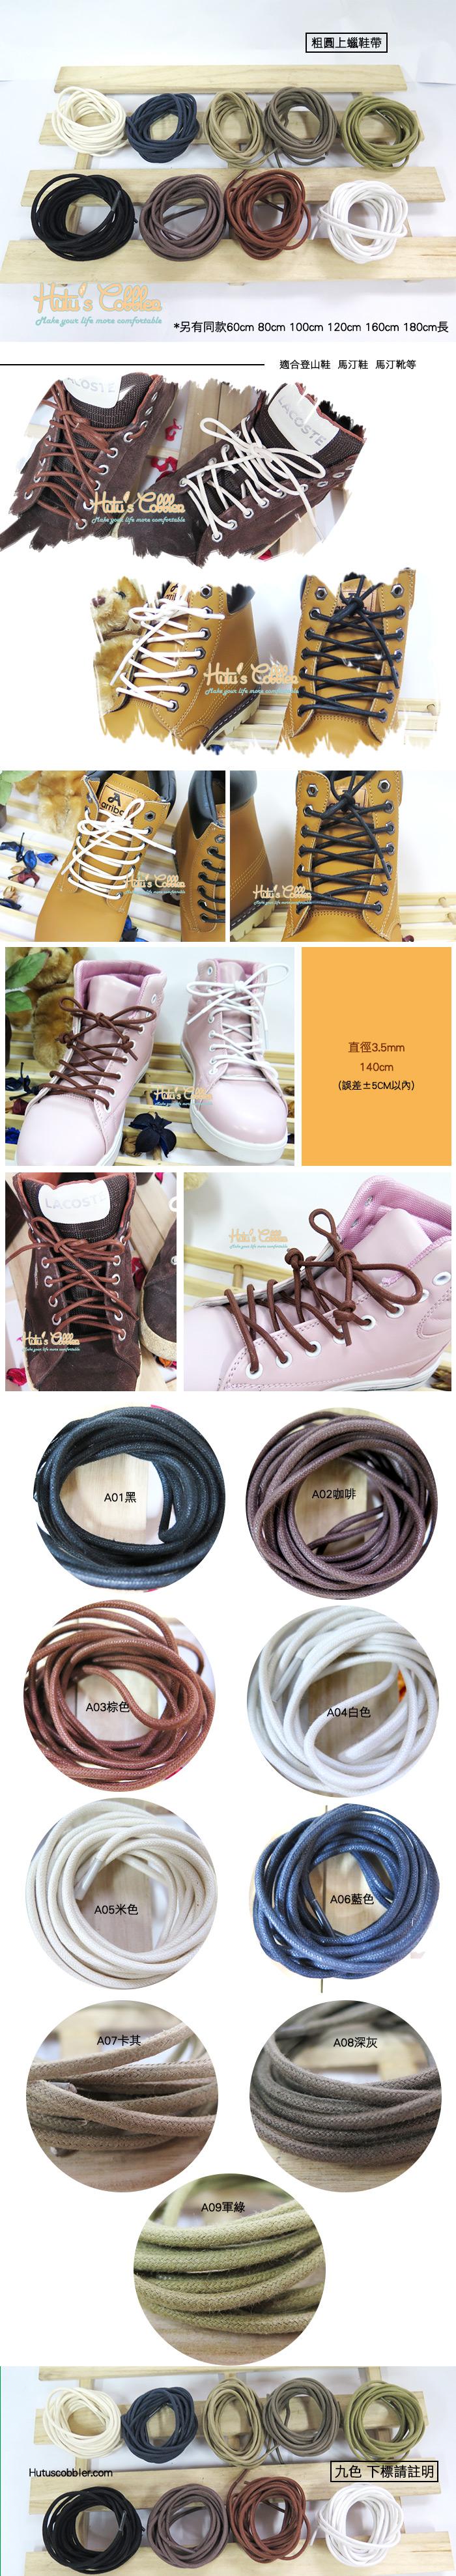 糊塗鞋匠 優質鞋材 G65 140cm粗圓登山鞋帶上蠟處理 登山鞋Timberland 馬汀